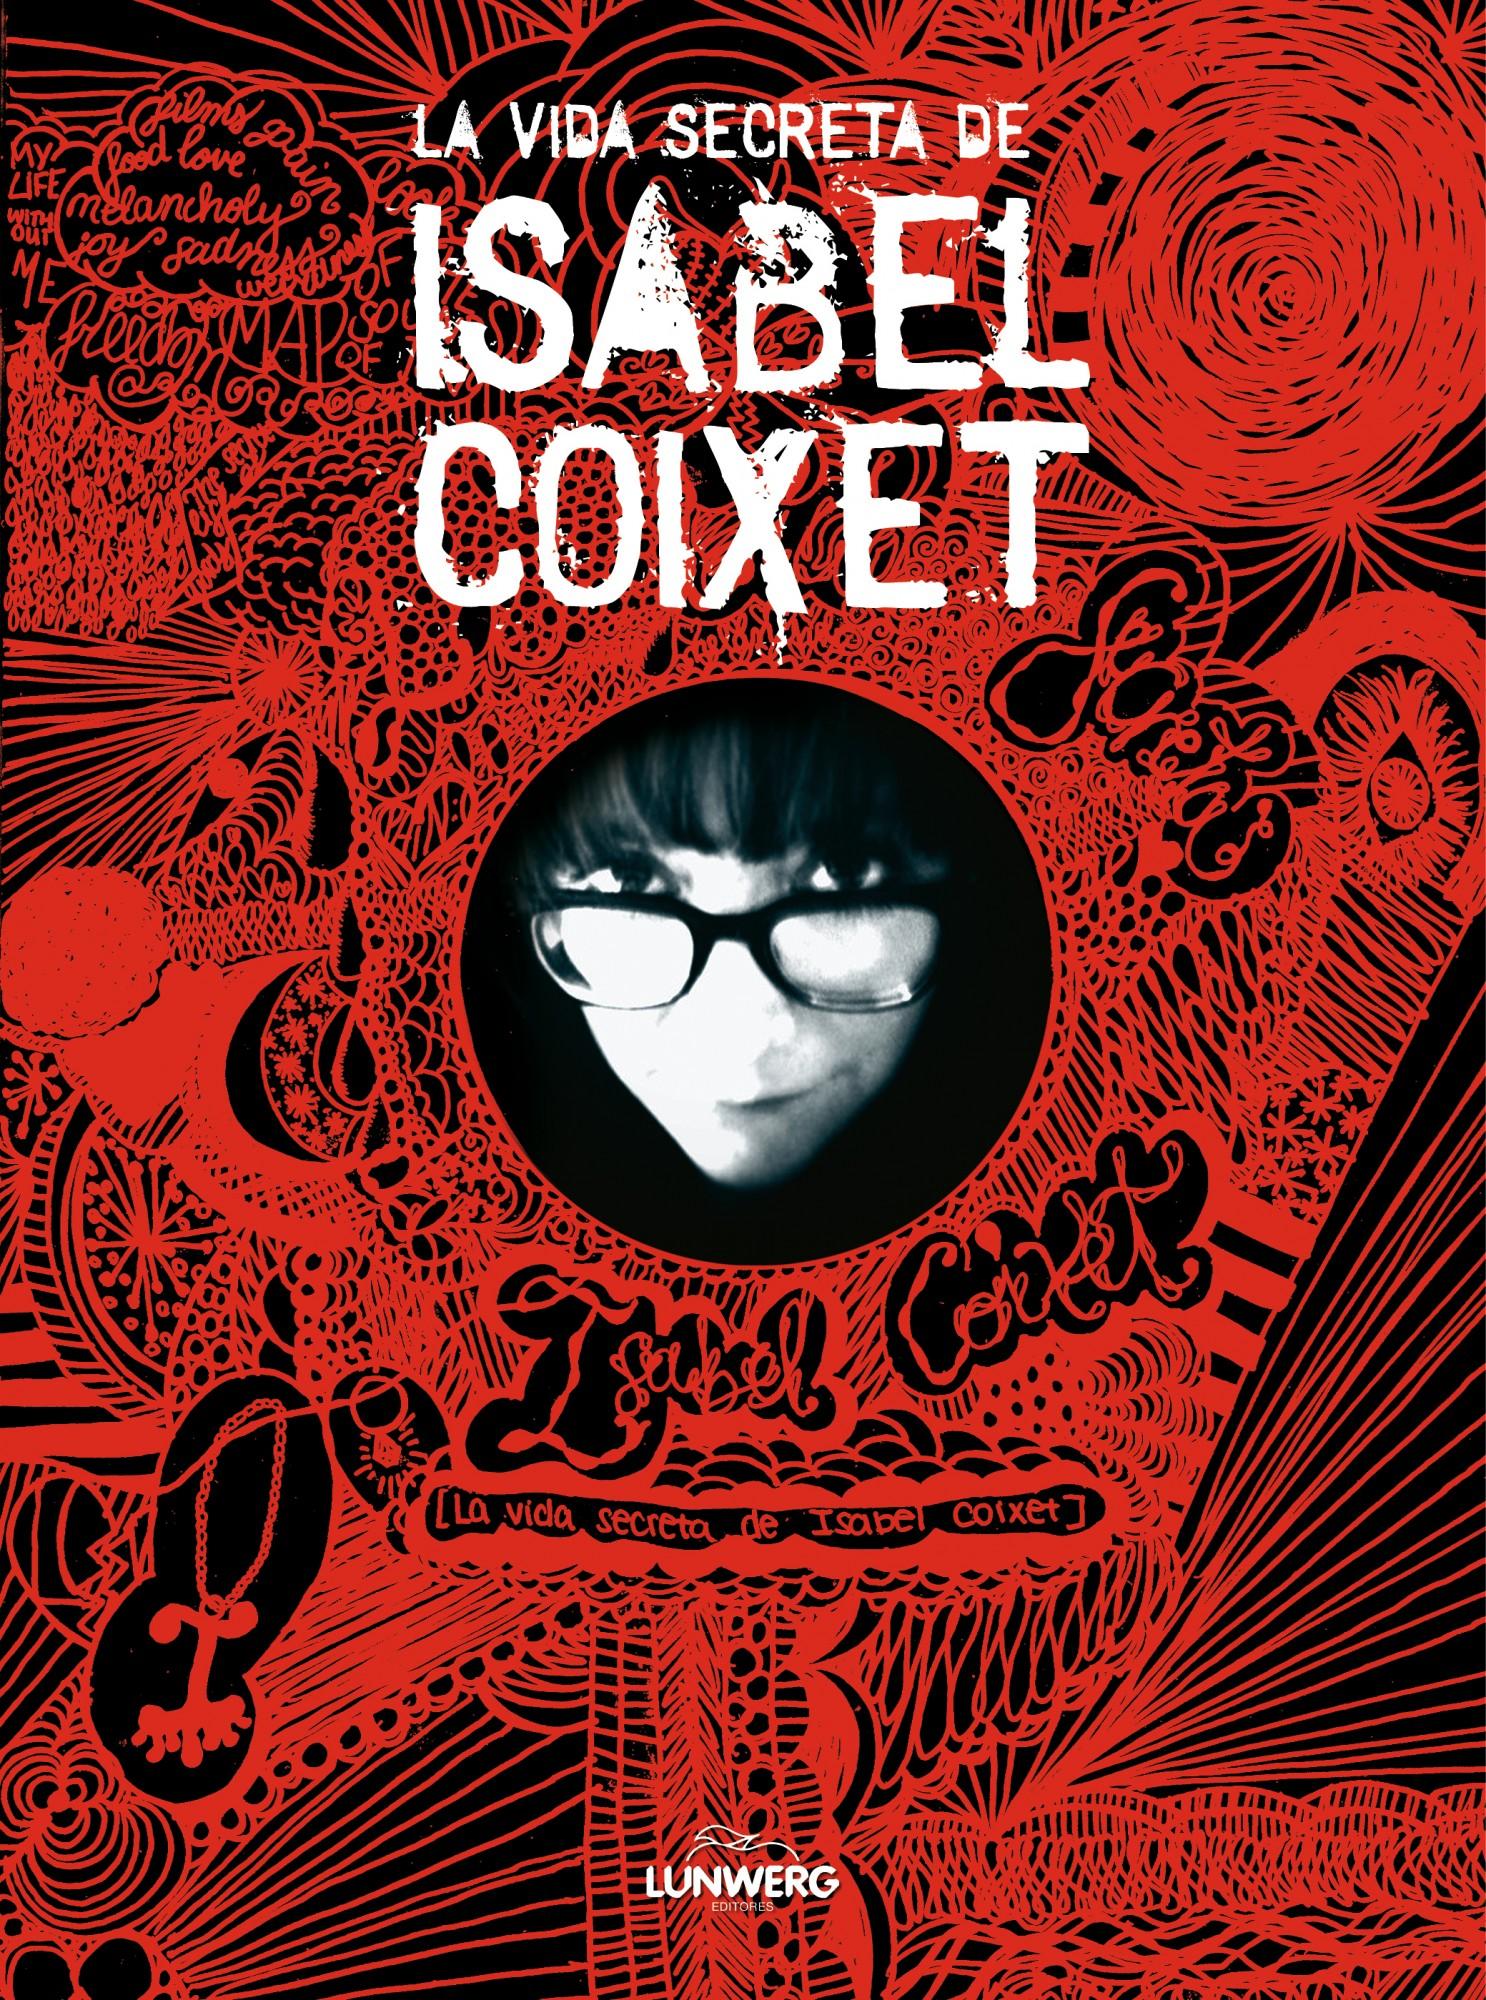 LA VIDA SECRETA DE ISABEL COIXET - ISABEL COIXET